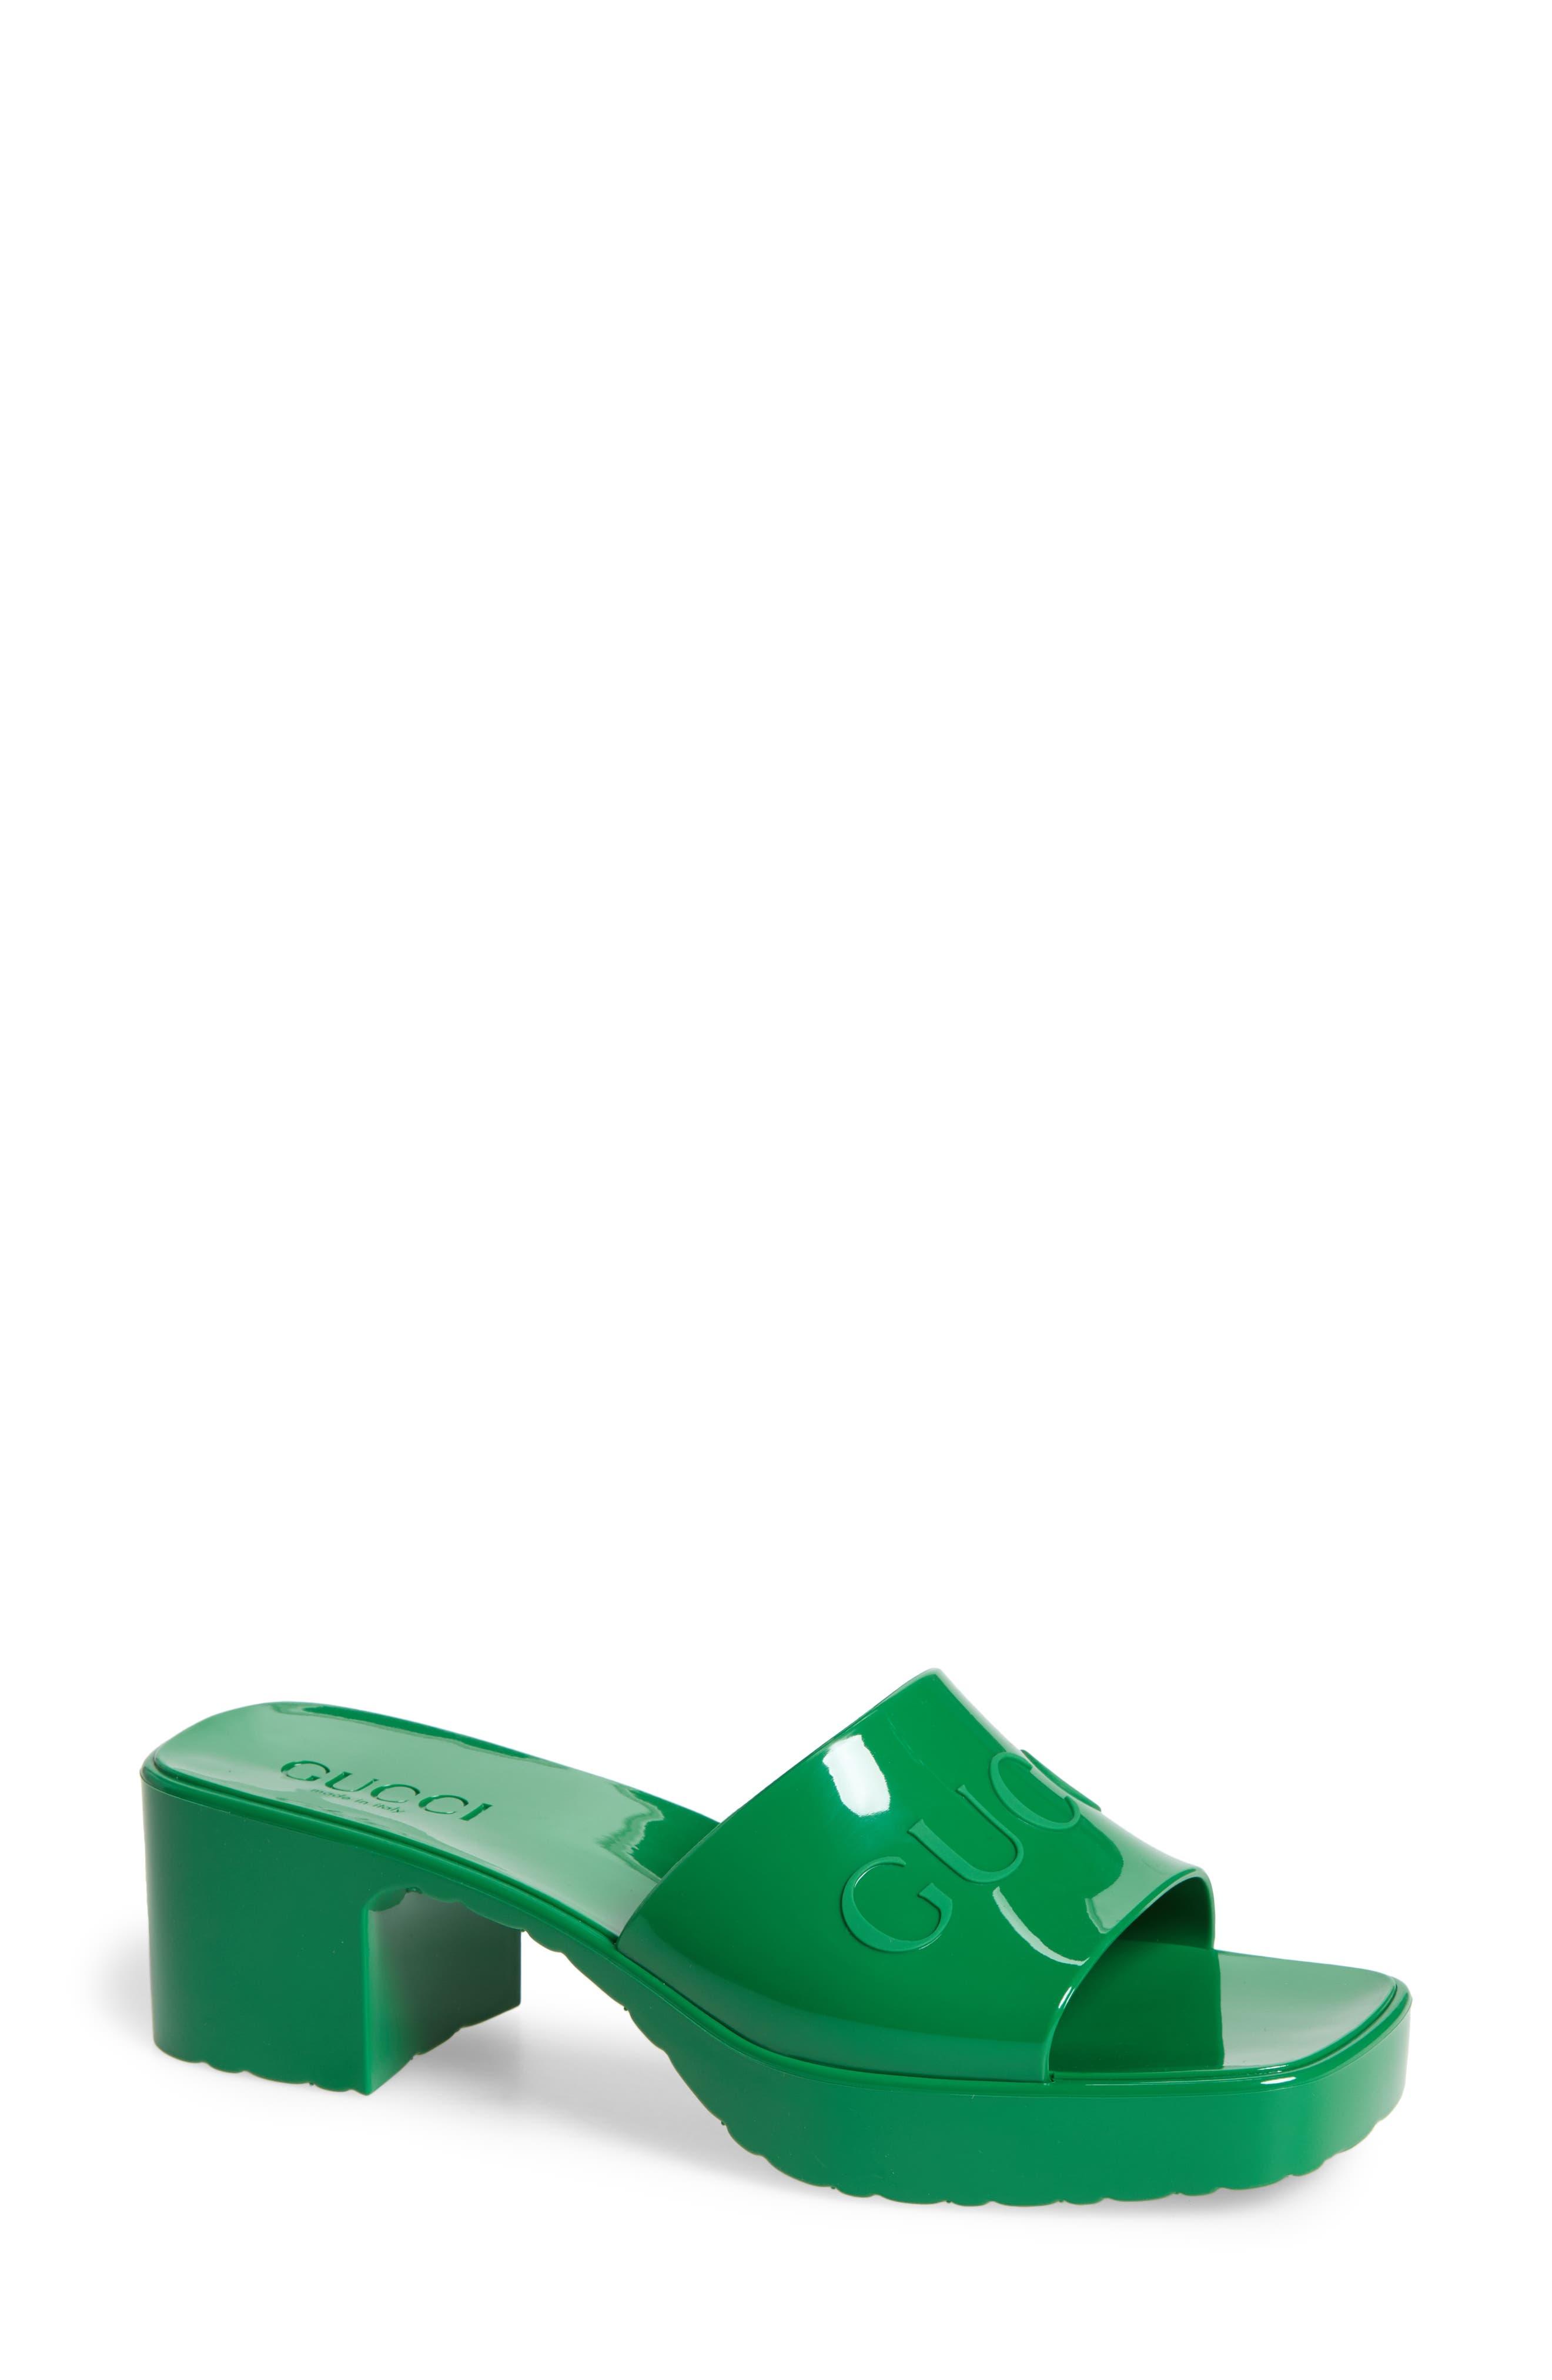 Scholl Linea Greeny Greeny Mule